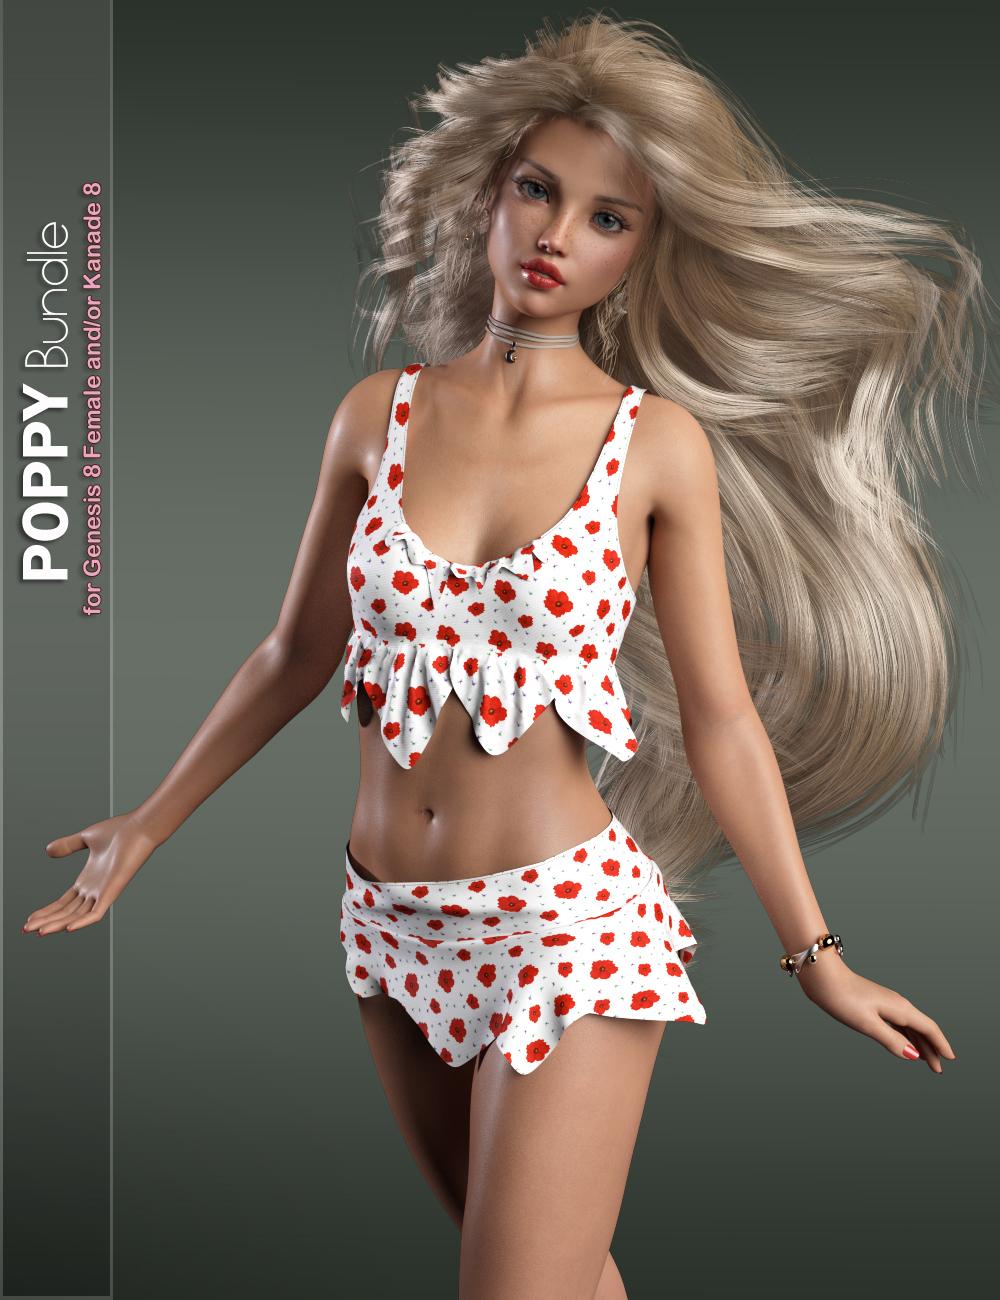 Poppy Bundle by: P3DesignValery3Di3D_Lotus, 3D Models by Daz 3D